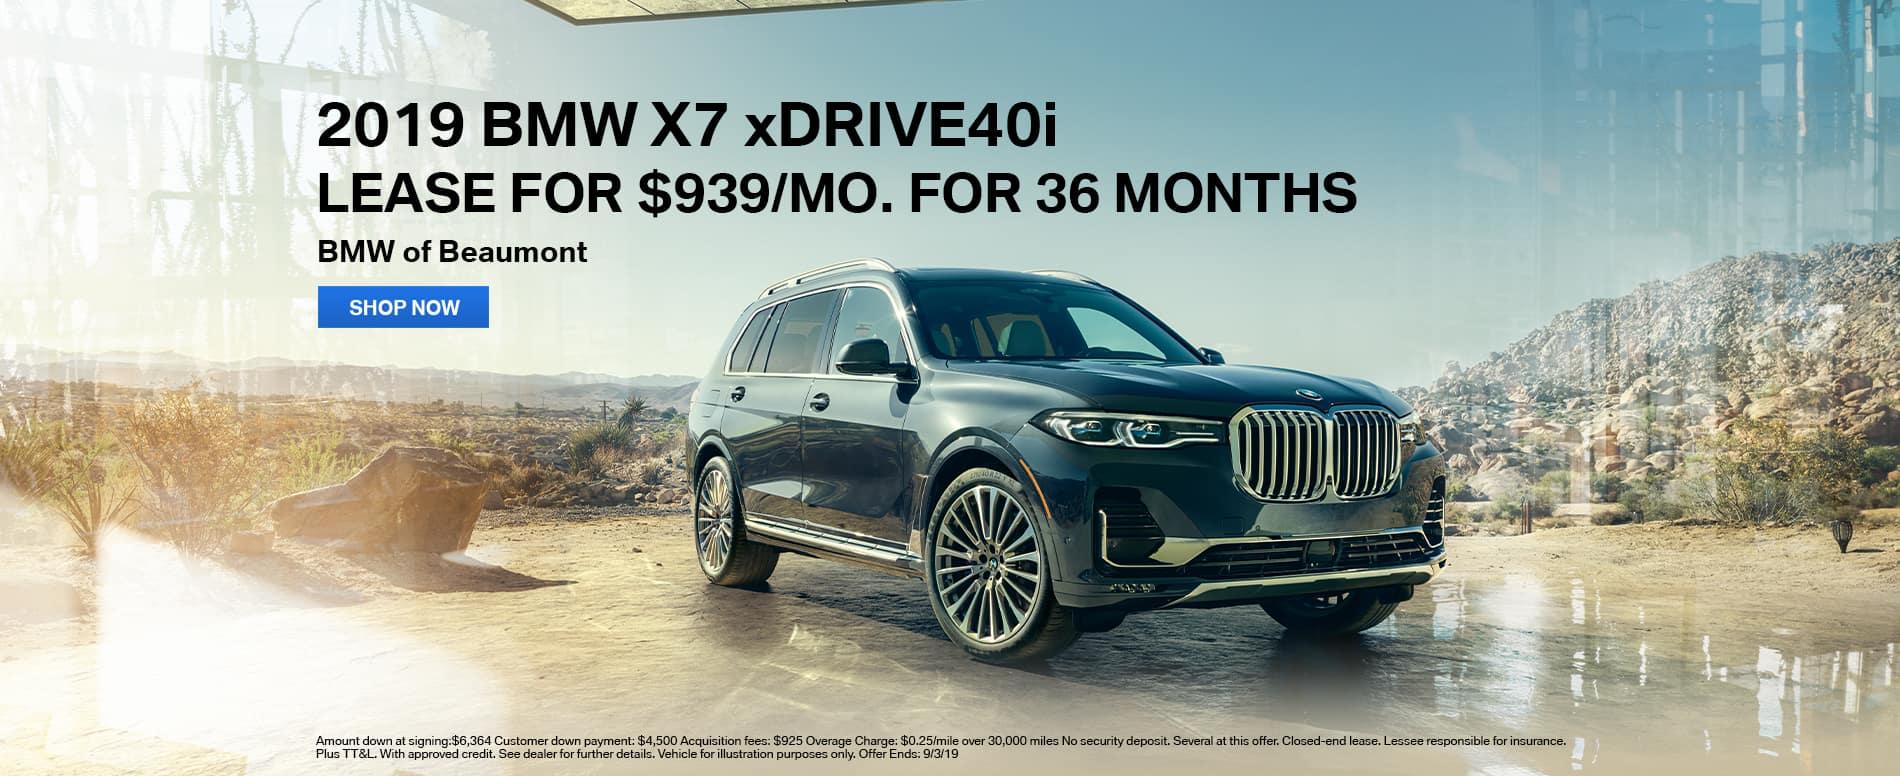 2019-BMW-X7-XDrive-40i